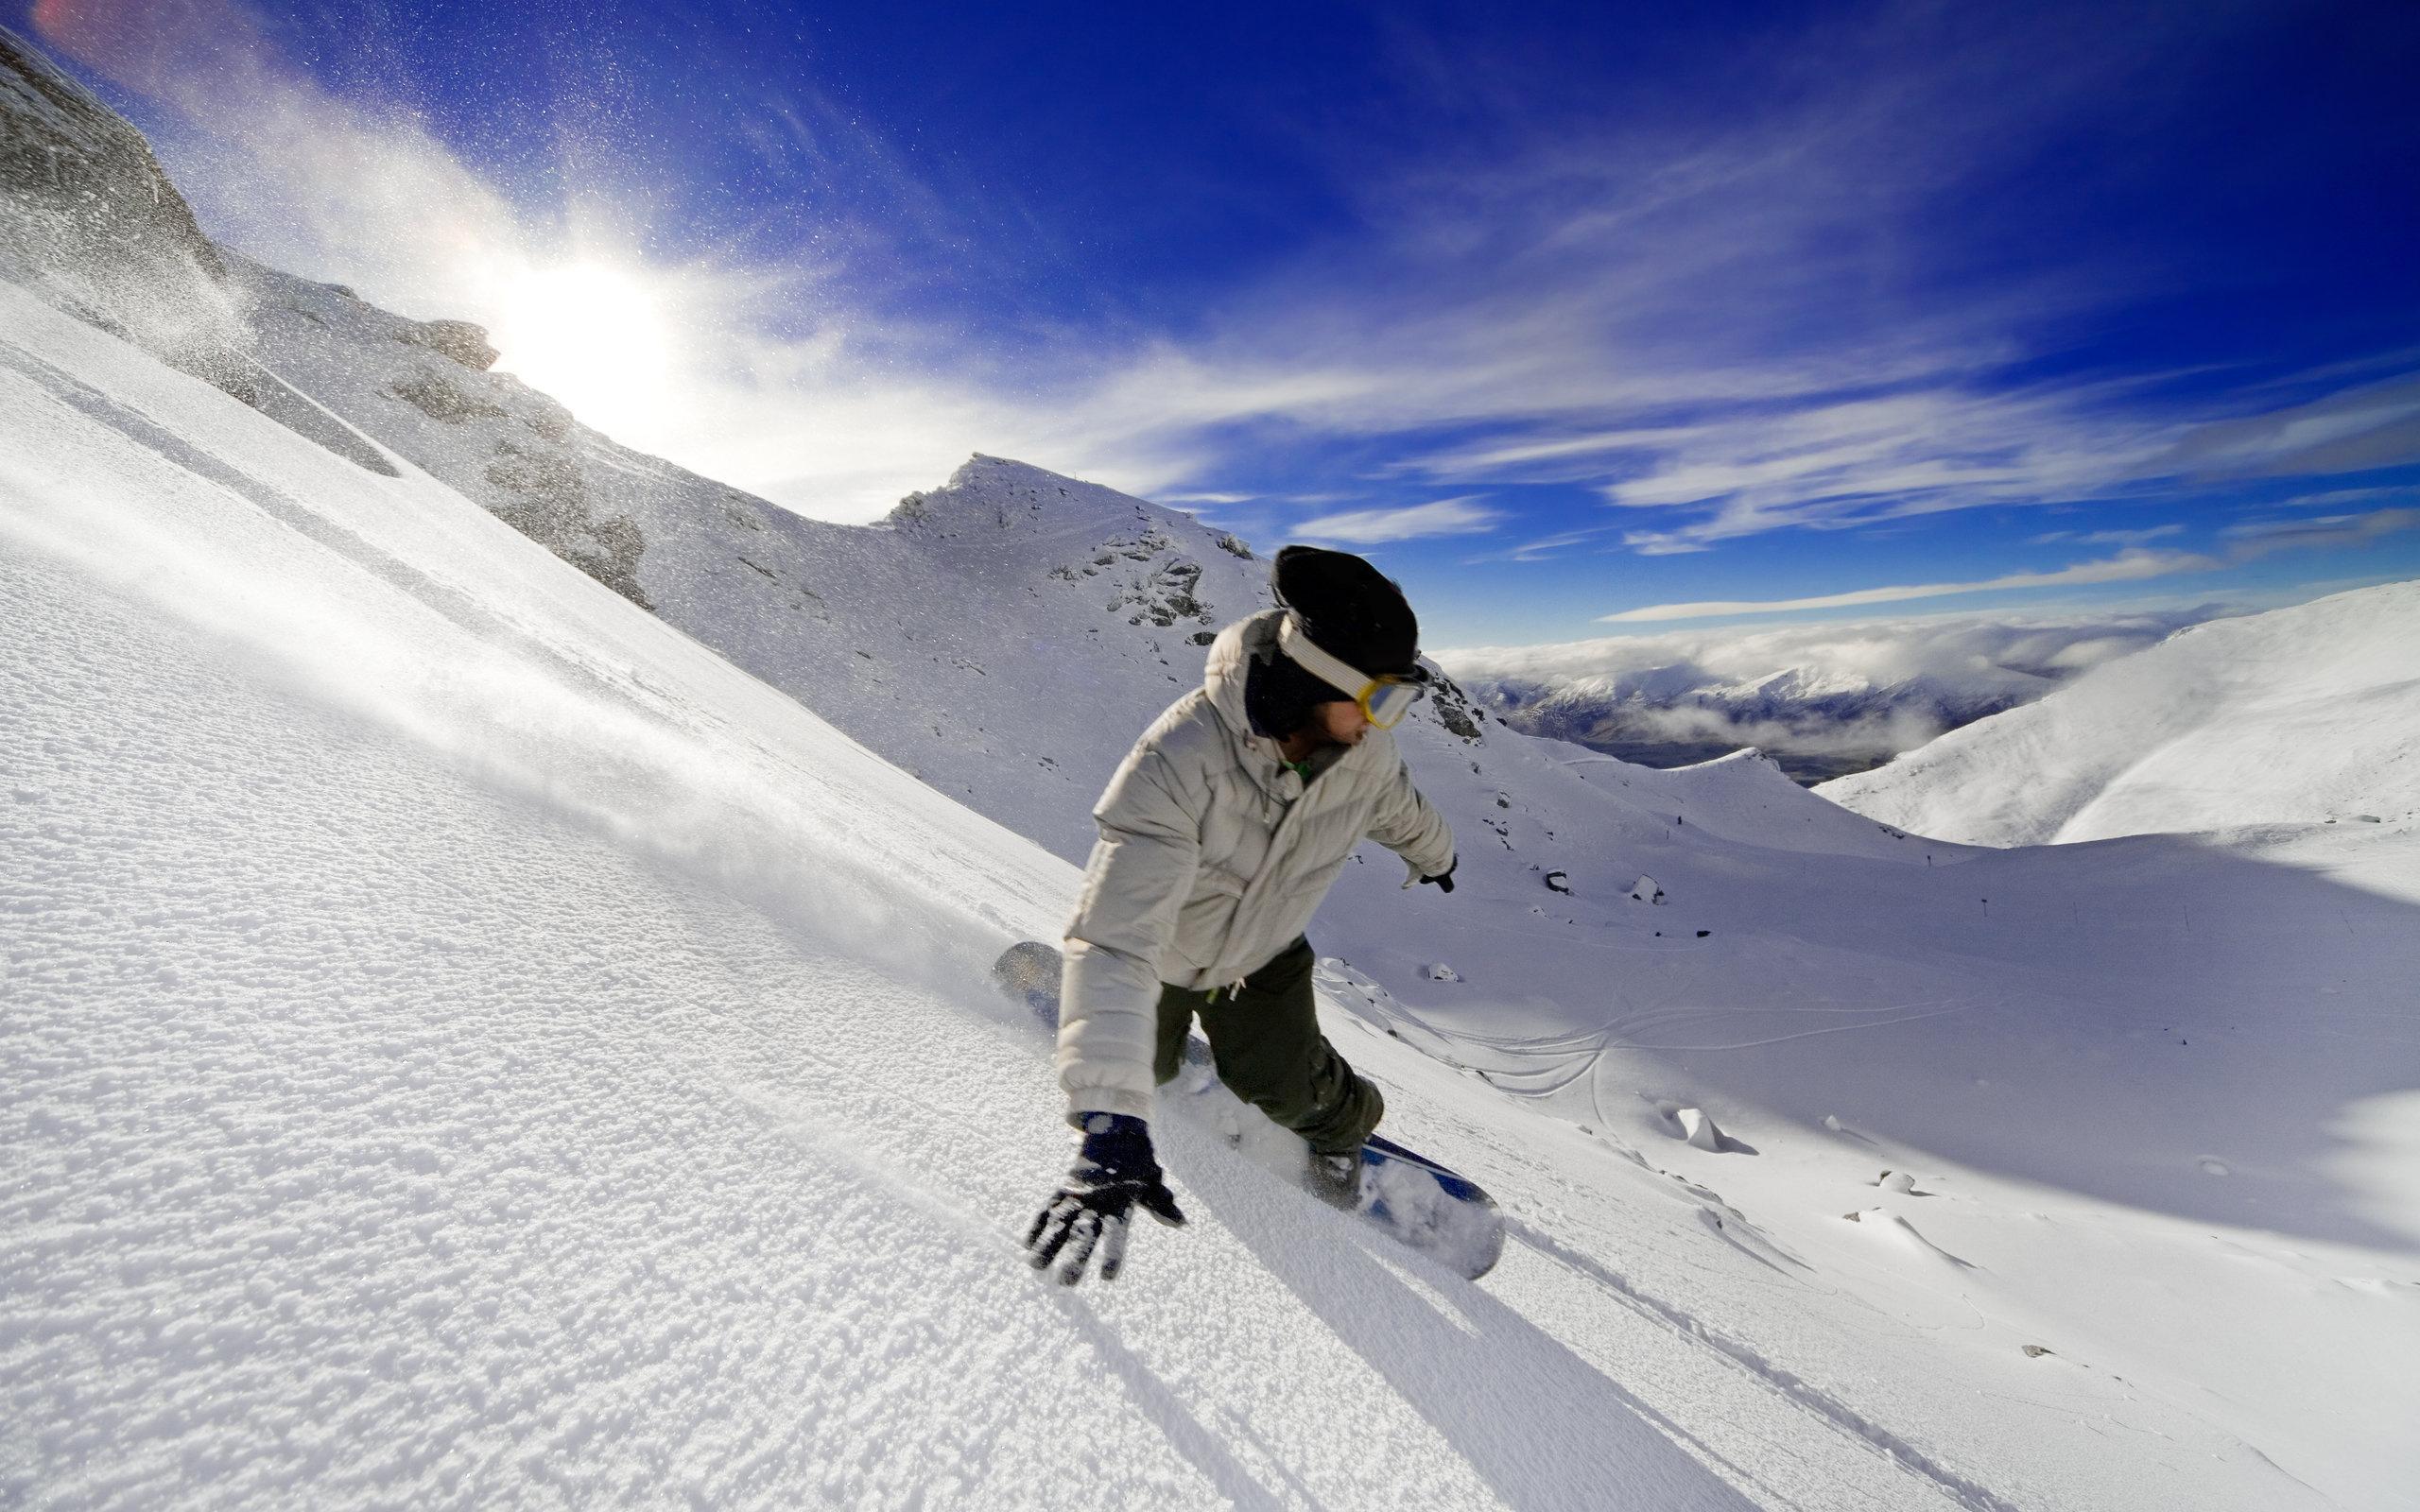 snowboarding_eua